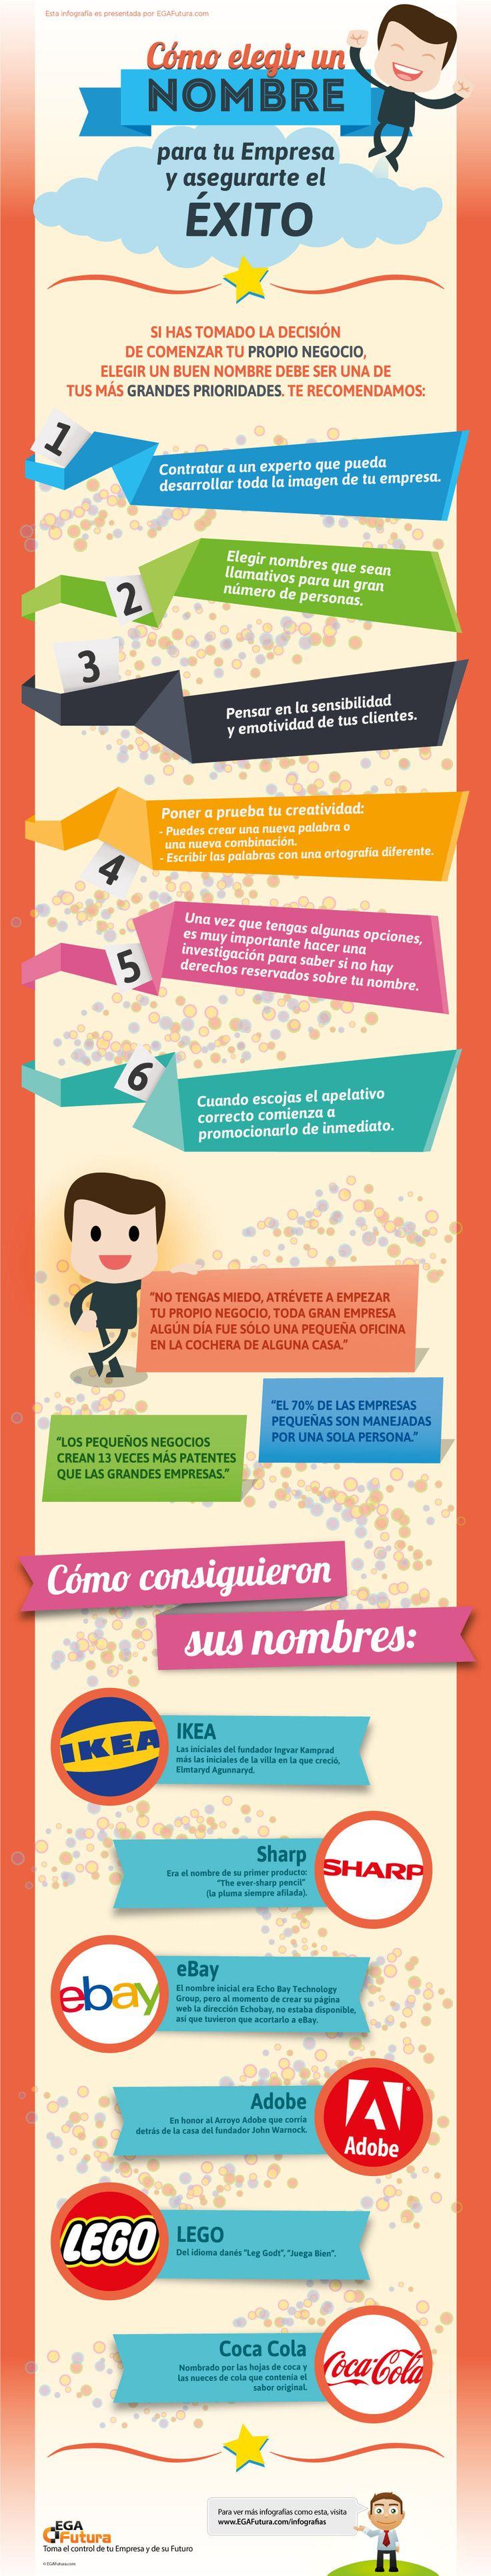 Cómo elegir el nombre de tu empresa y asegurarte el éxito || #infografia #infographics #marketing